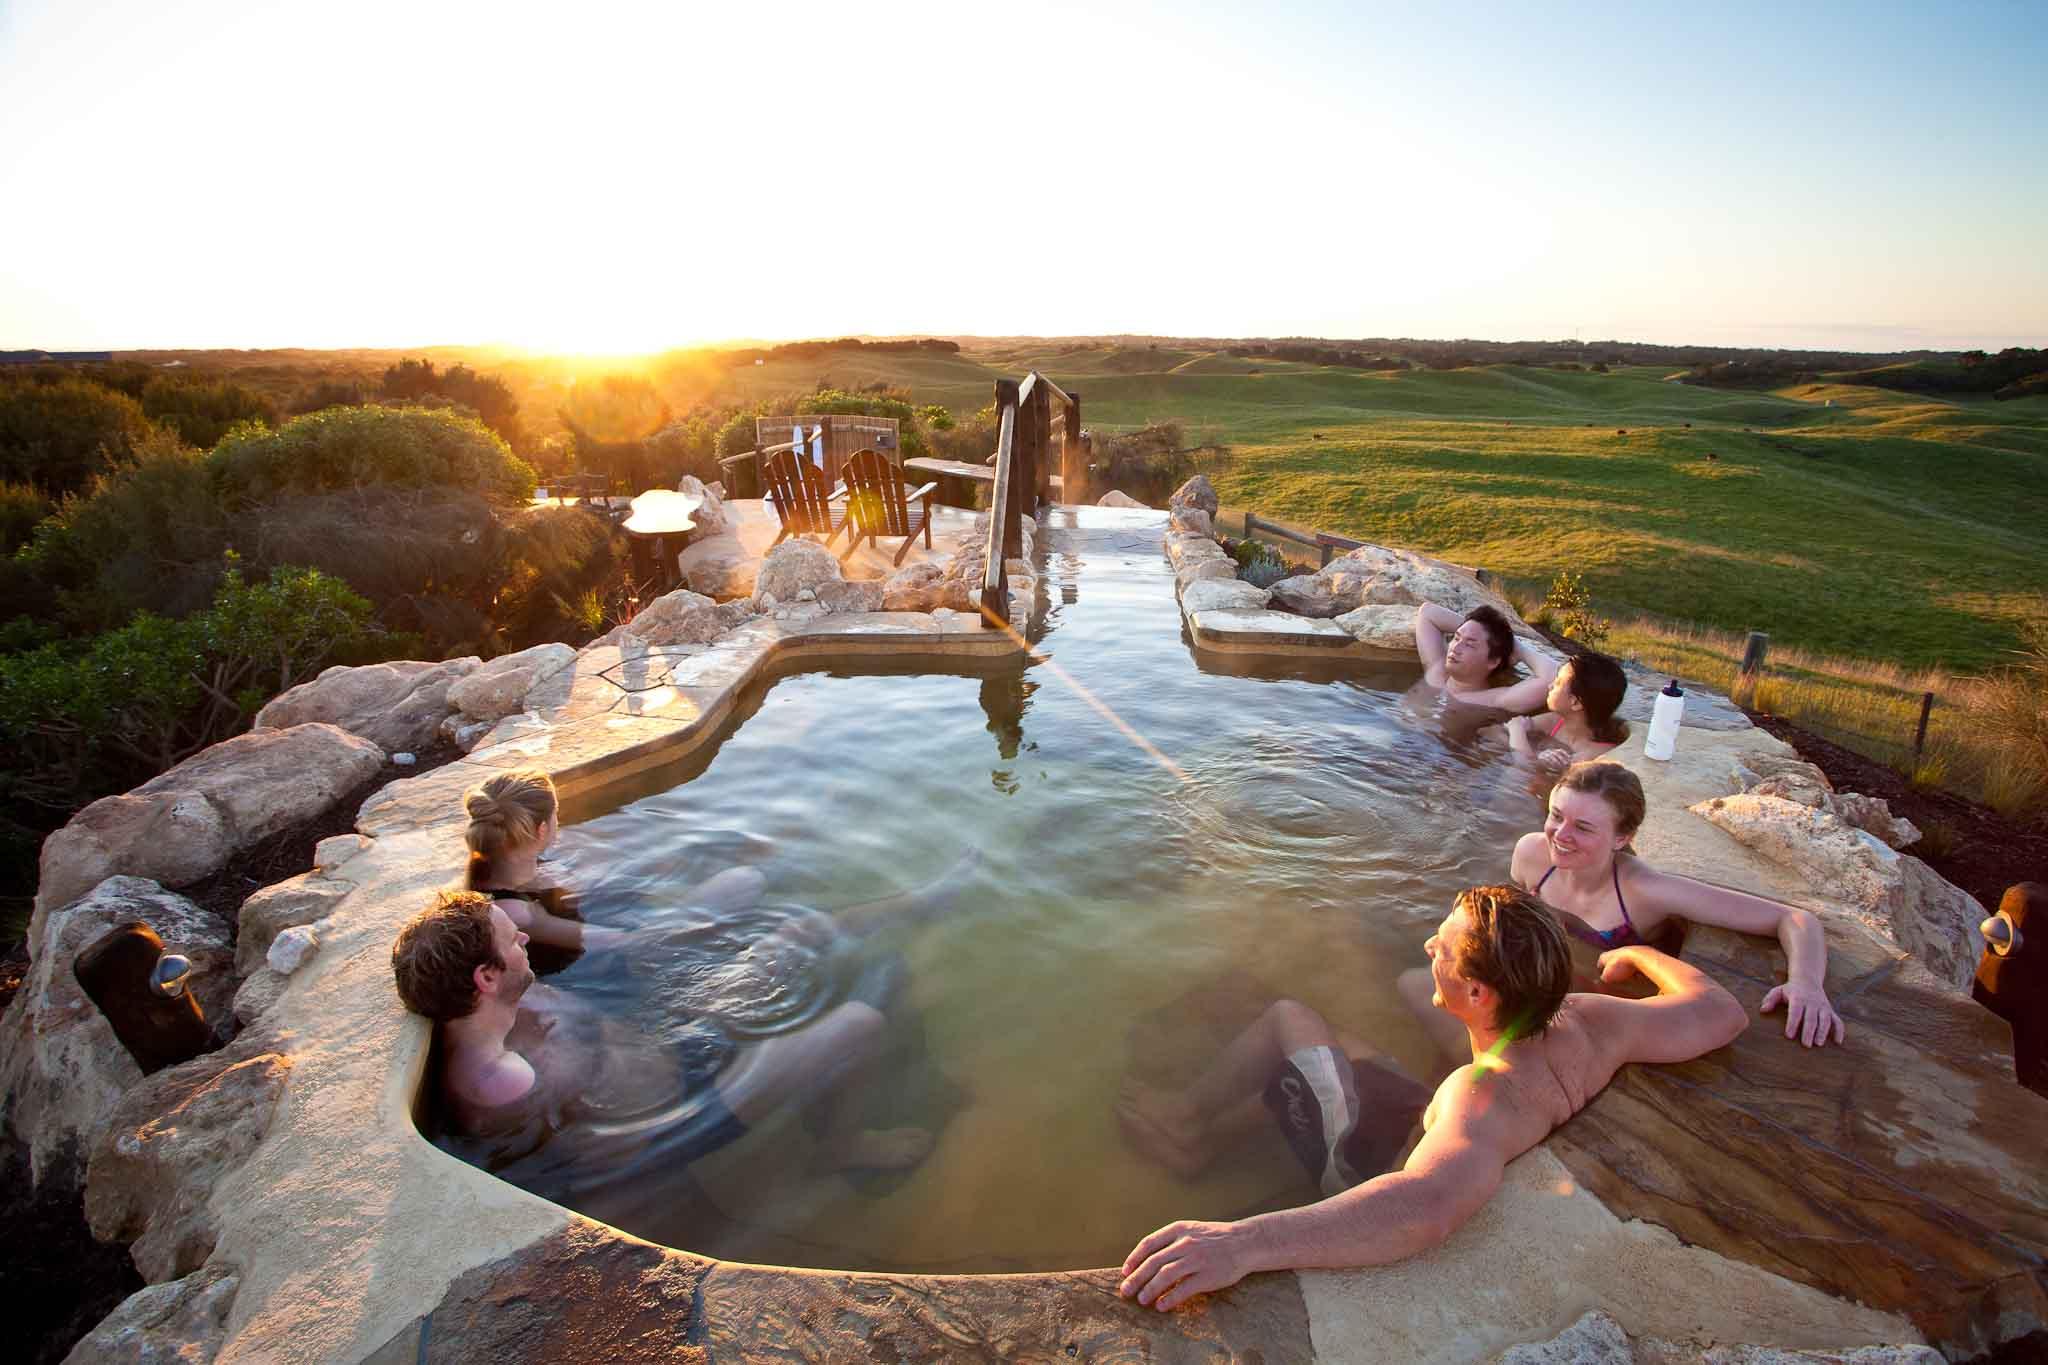 """位 在 小 山 丘 頂 峰 的 天 然 露 天 溫 泉 , 是 來 到 墨 爾 本 必 去 的 奇 景 ( 圖片來源:<a href=""""http://www.peninsulahotsprings.com/"""">官 網</a> )"""